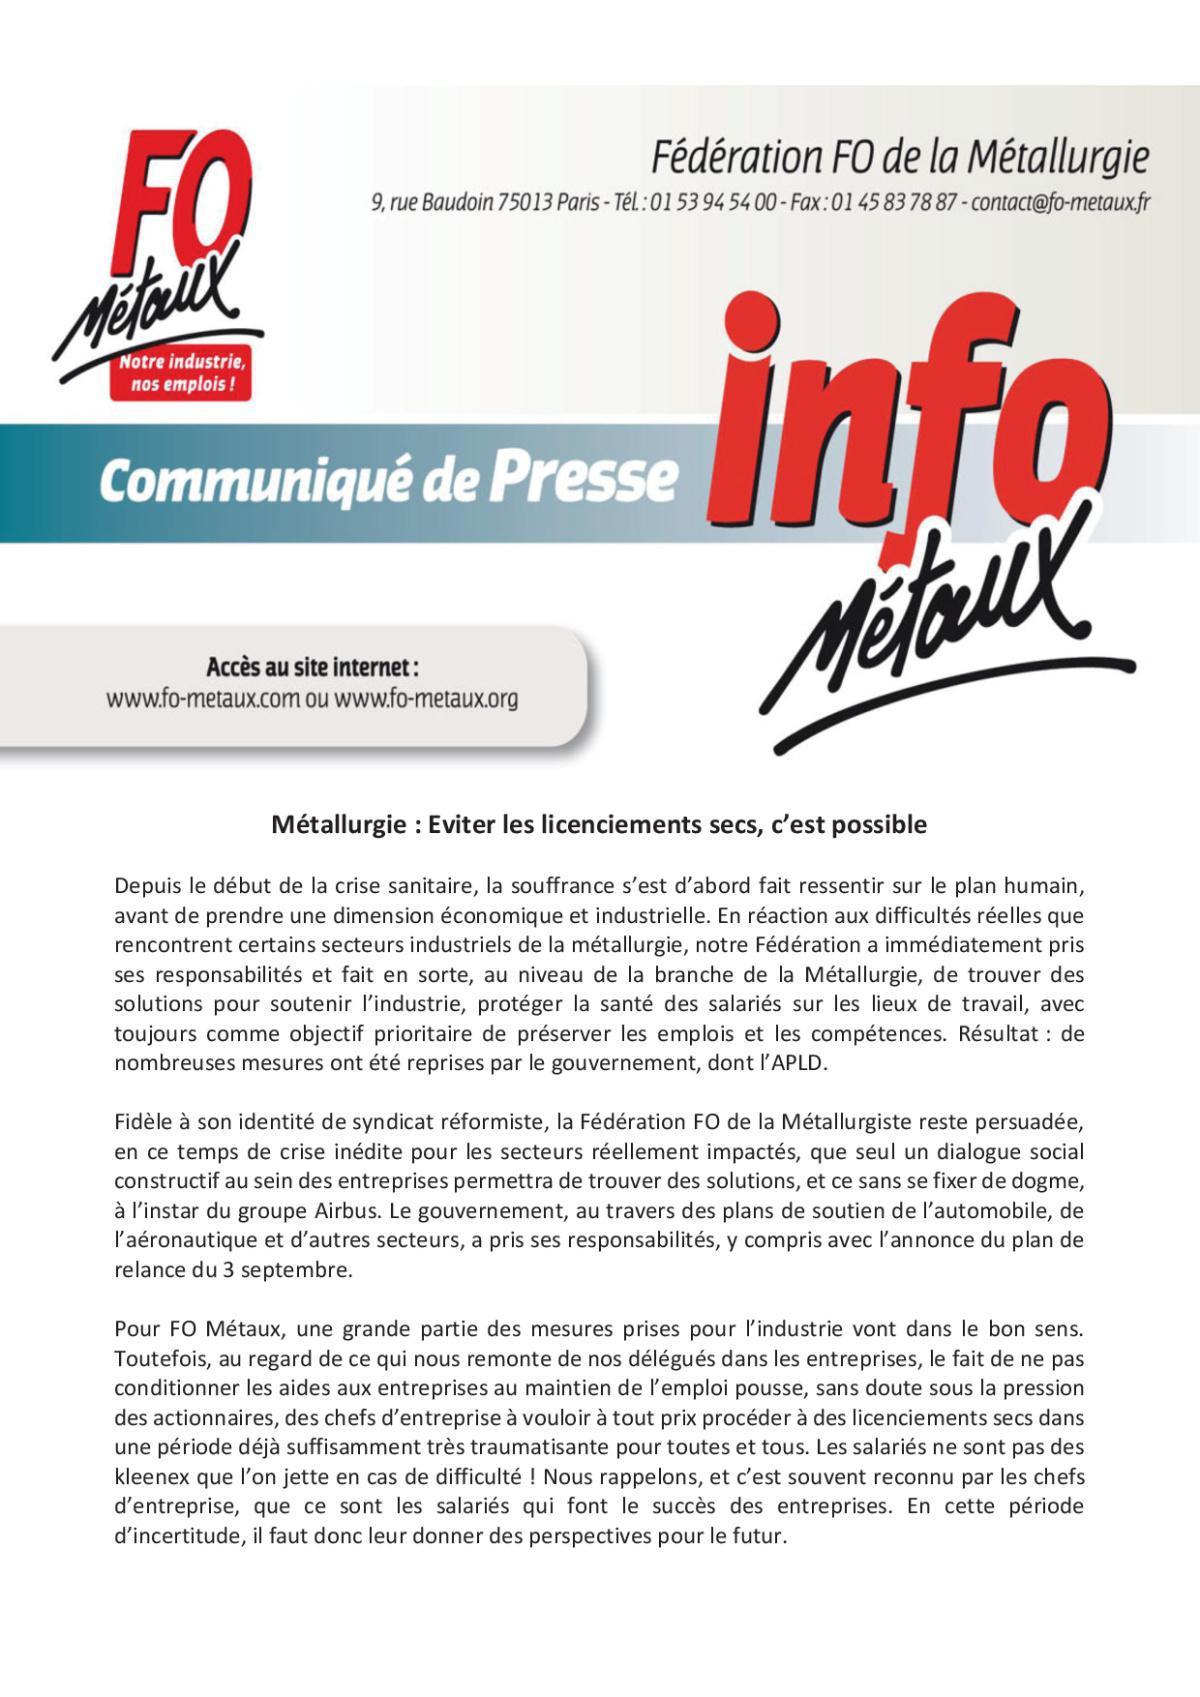 Comminiqué de presse - Fédération FO de la Métallurgie : Eviter les licenciements secs, c'est possible